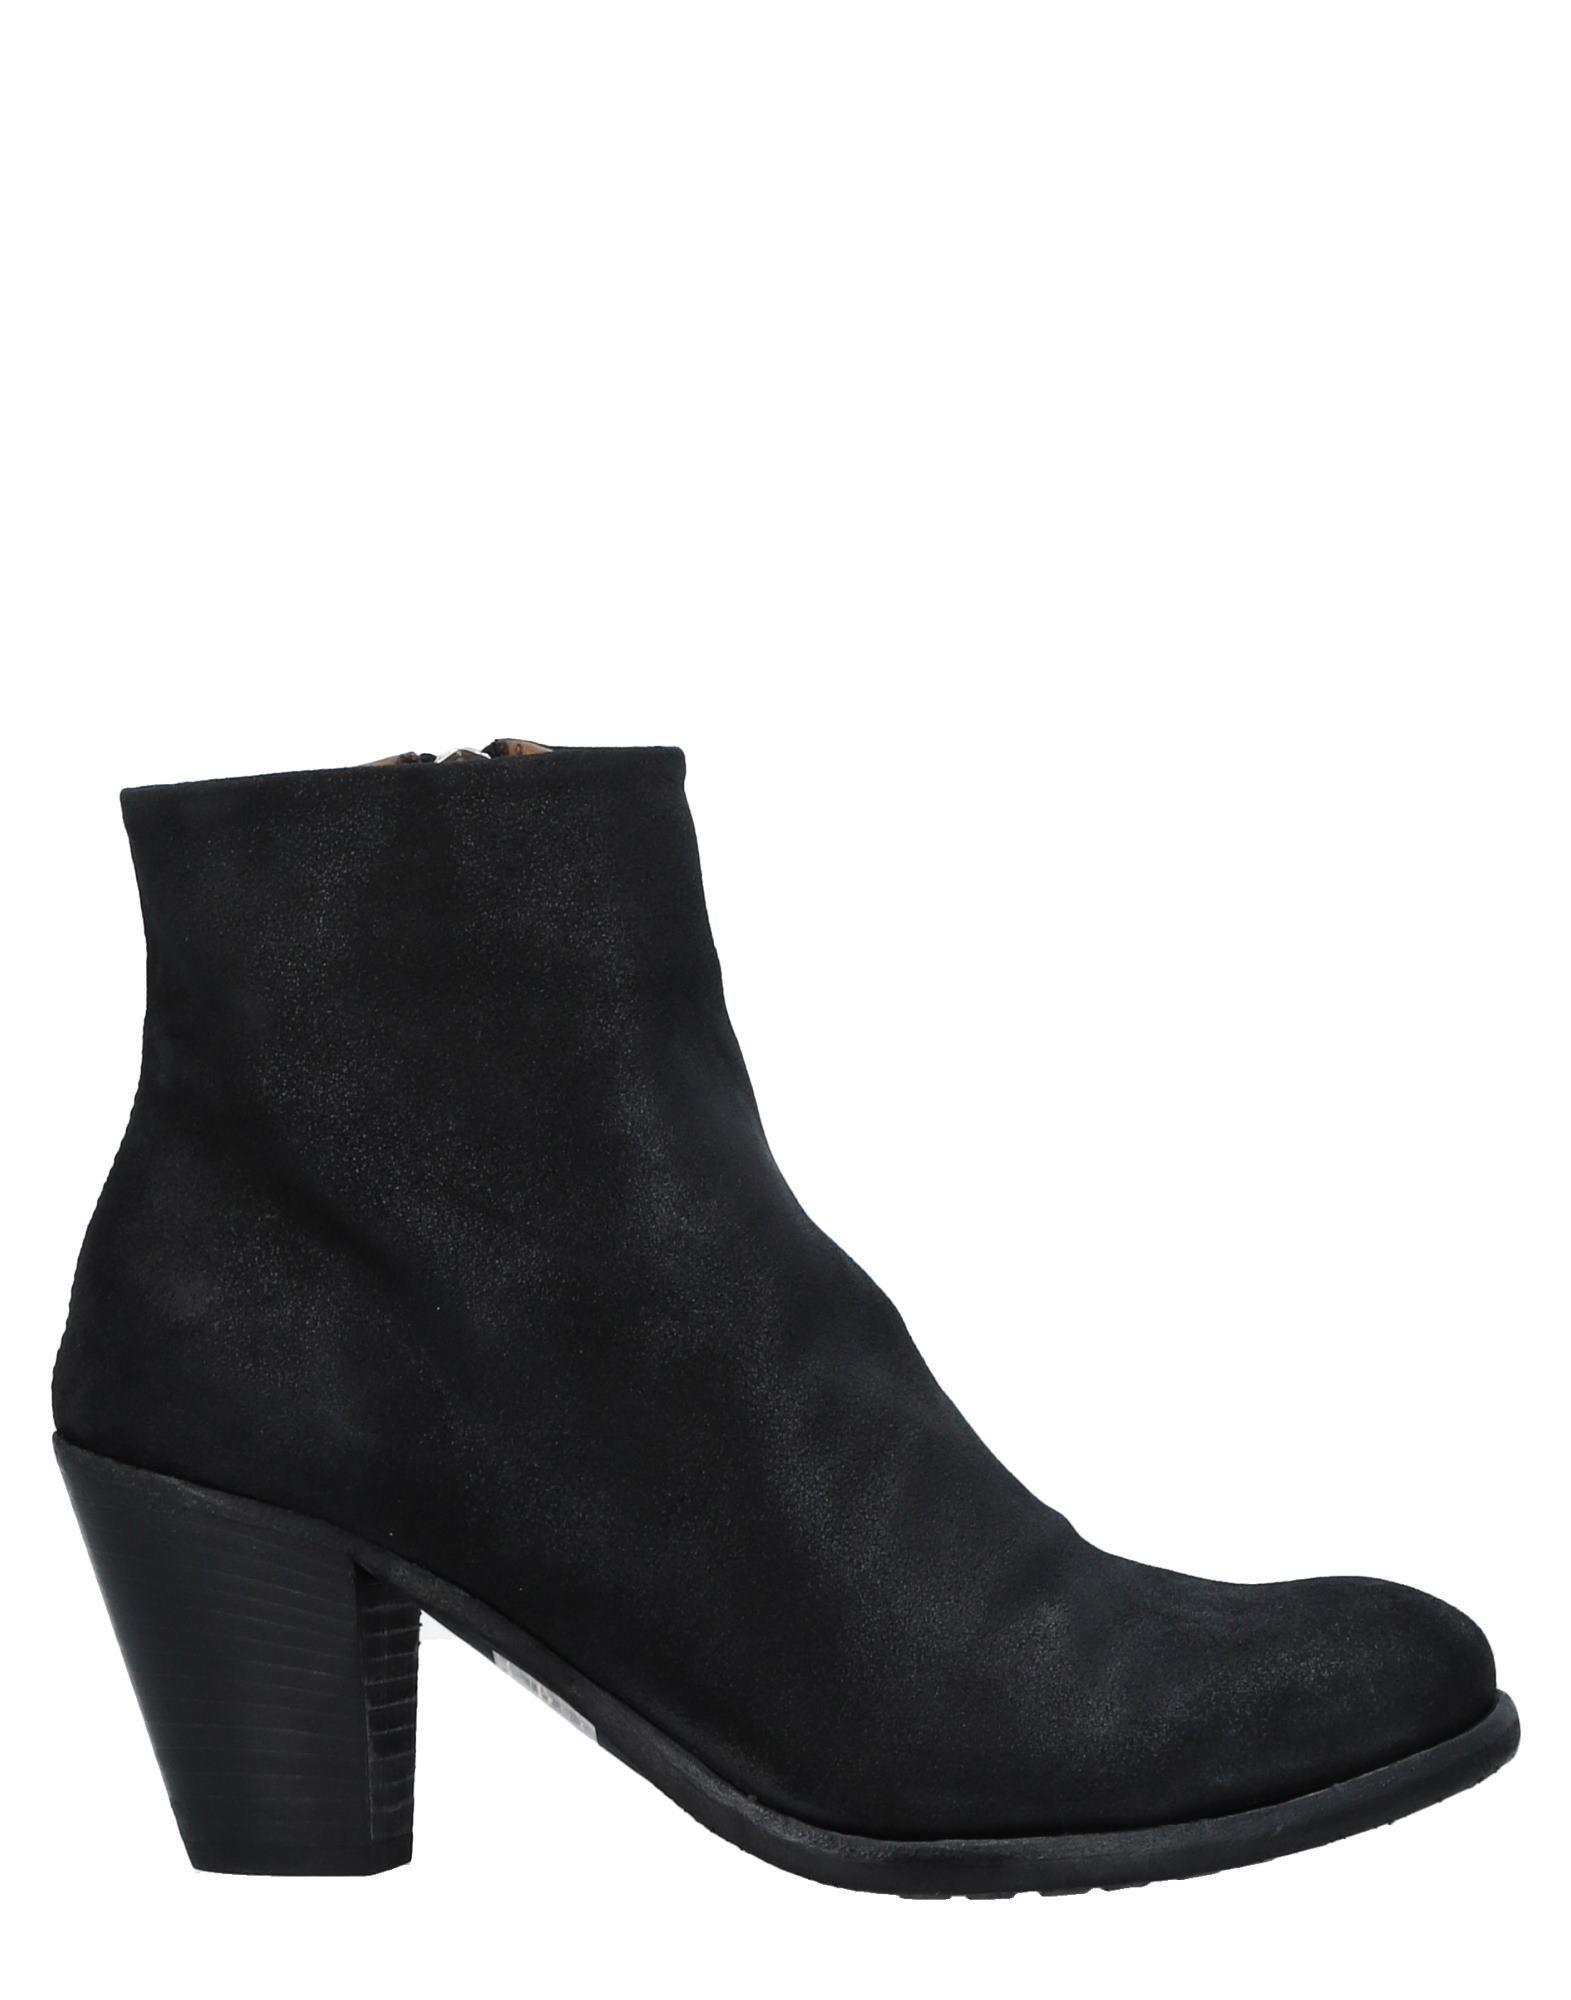 Officine Creative Italia Stiefelette Damen  11513387EXGünstige gut aussehende Schuhe